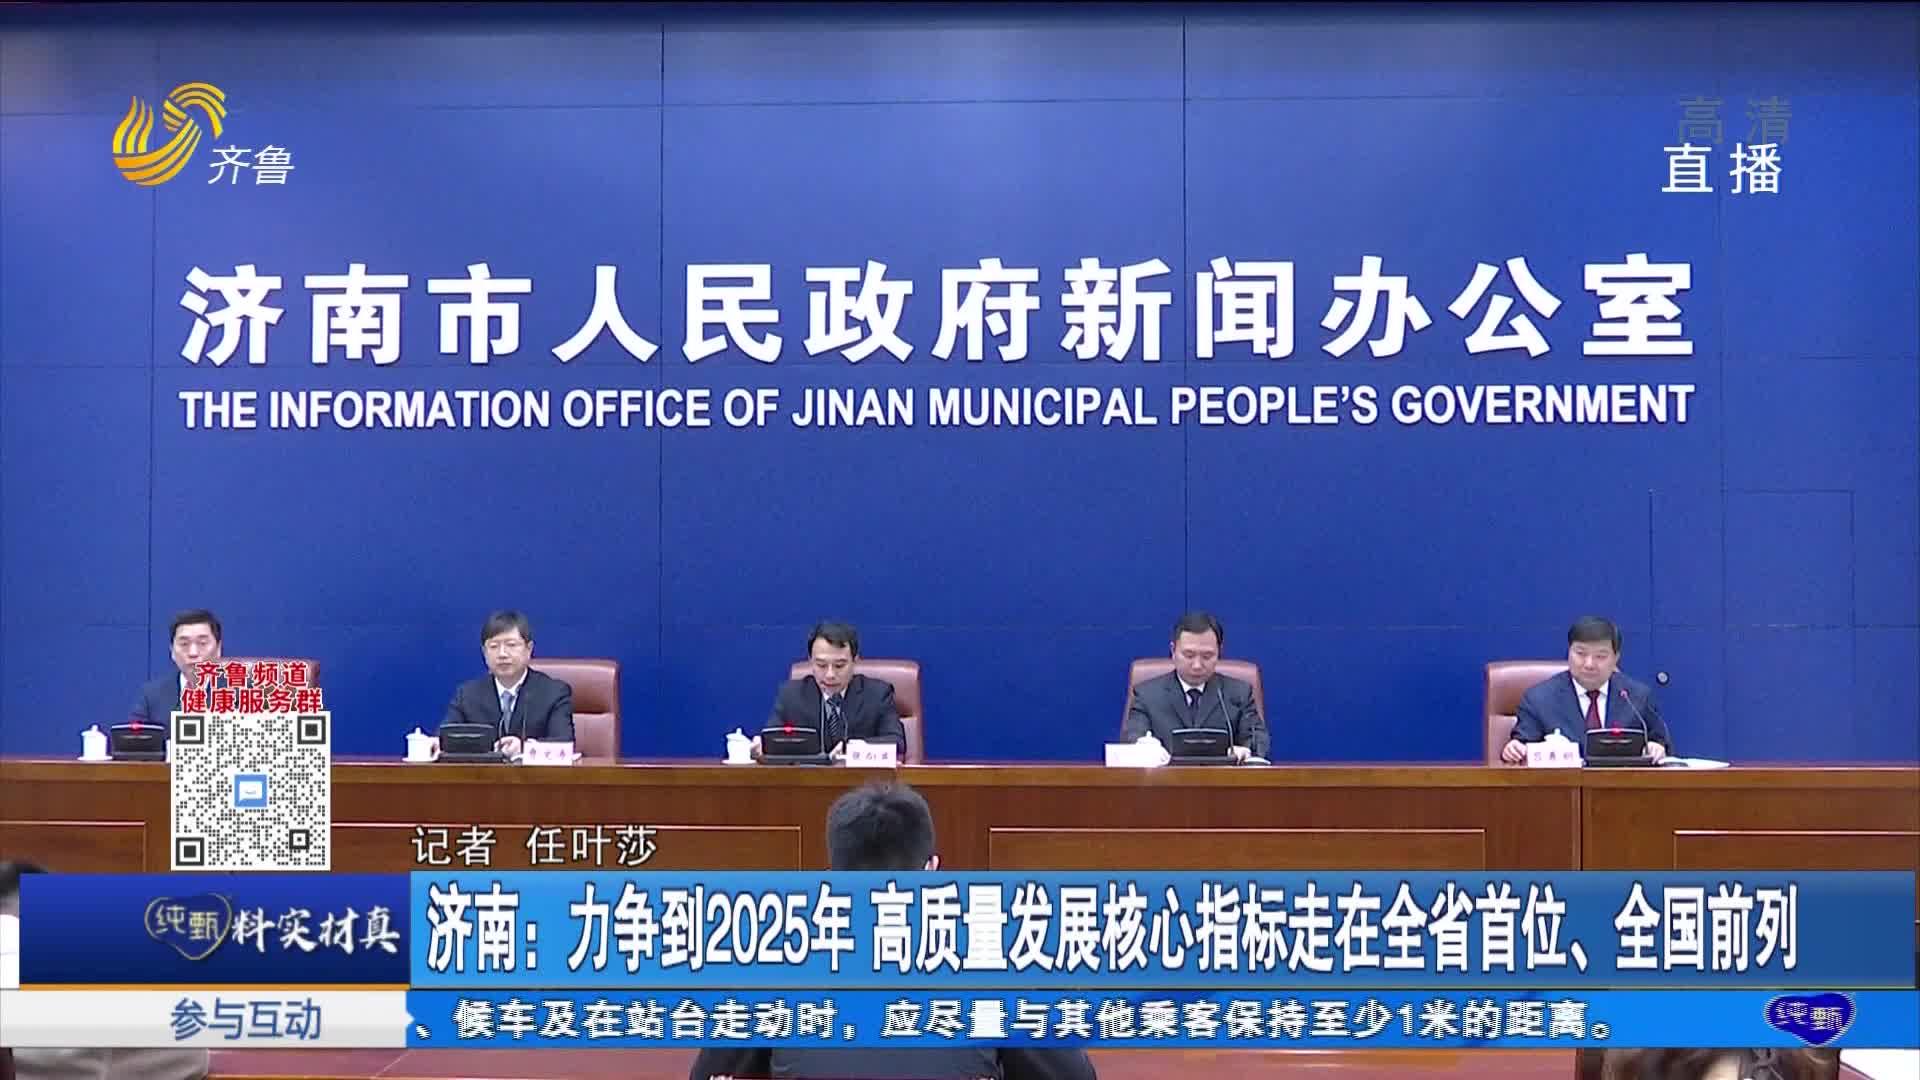 济南:力争到2025年 高质量发展核心指标走在全省首位、全国前列